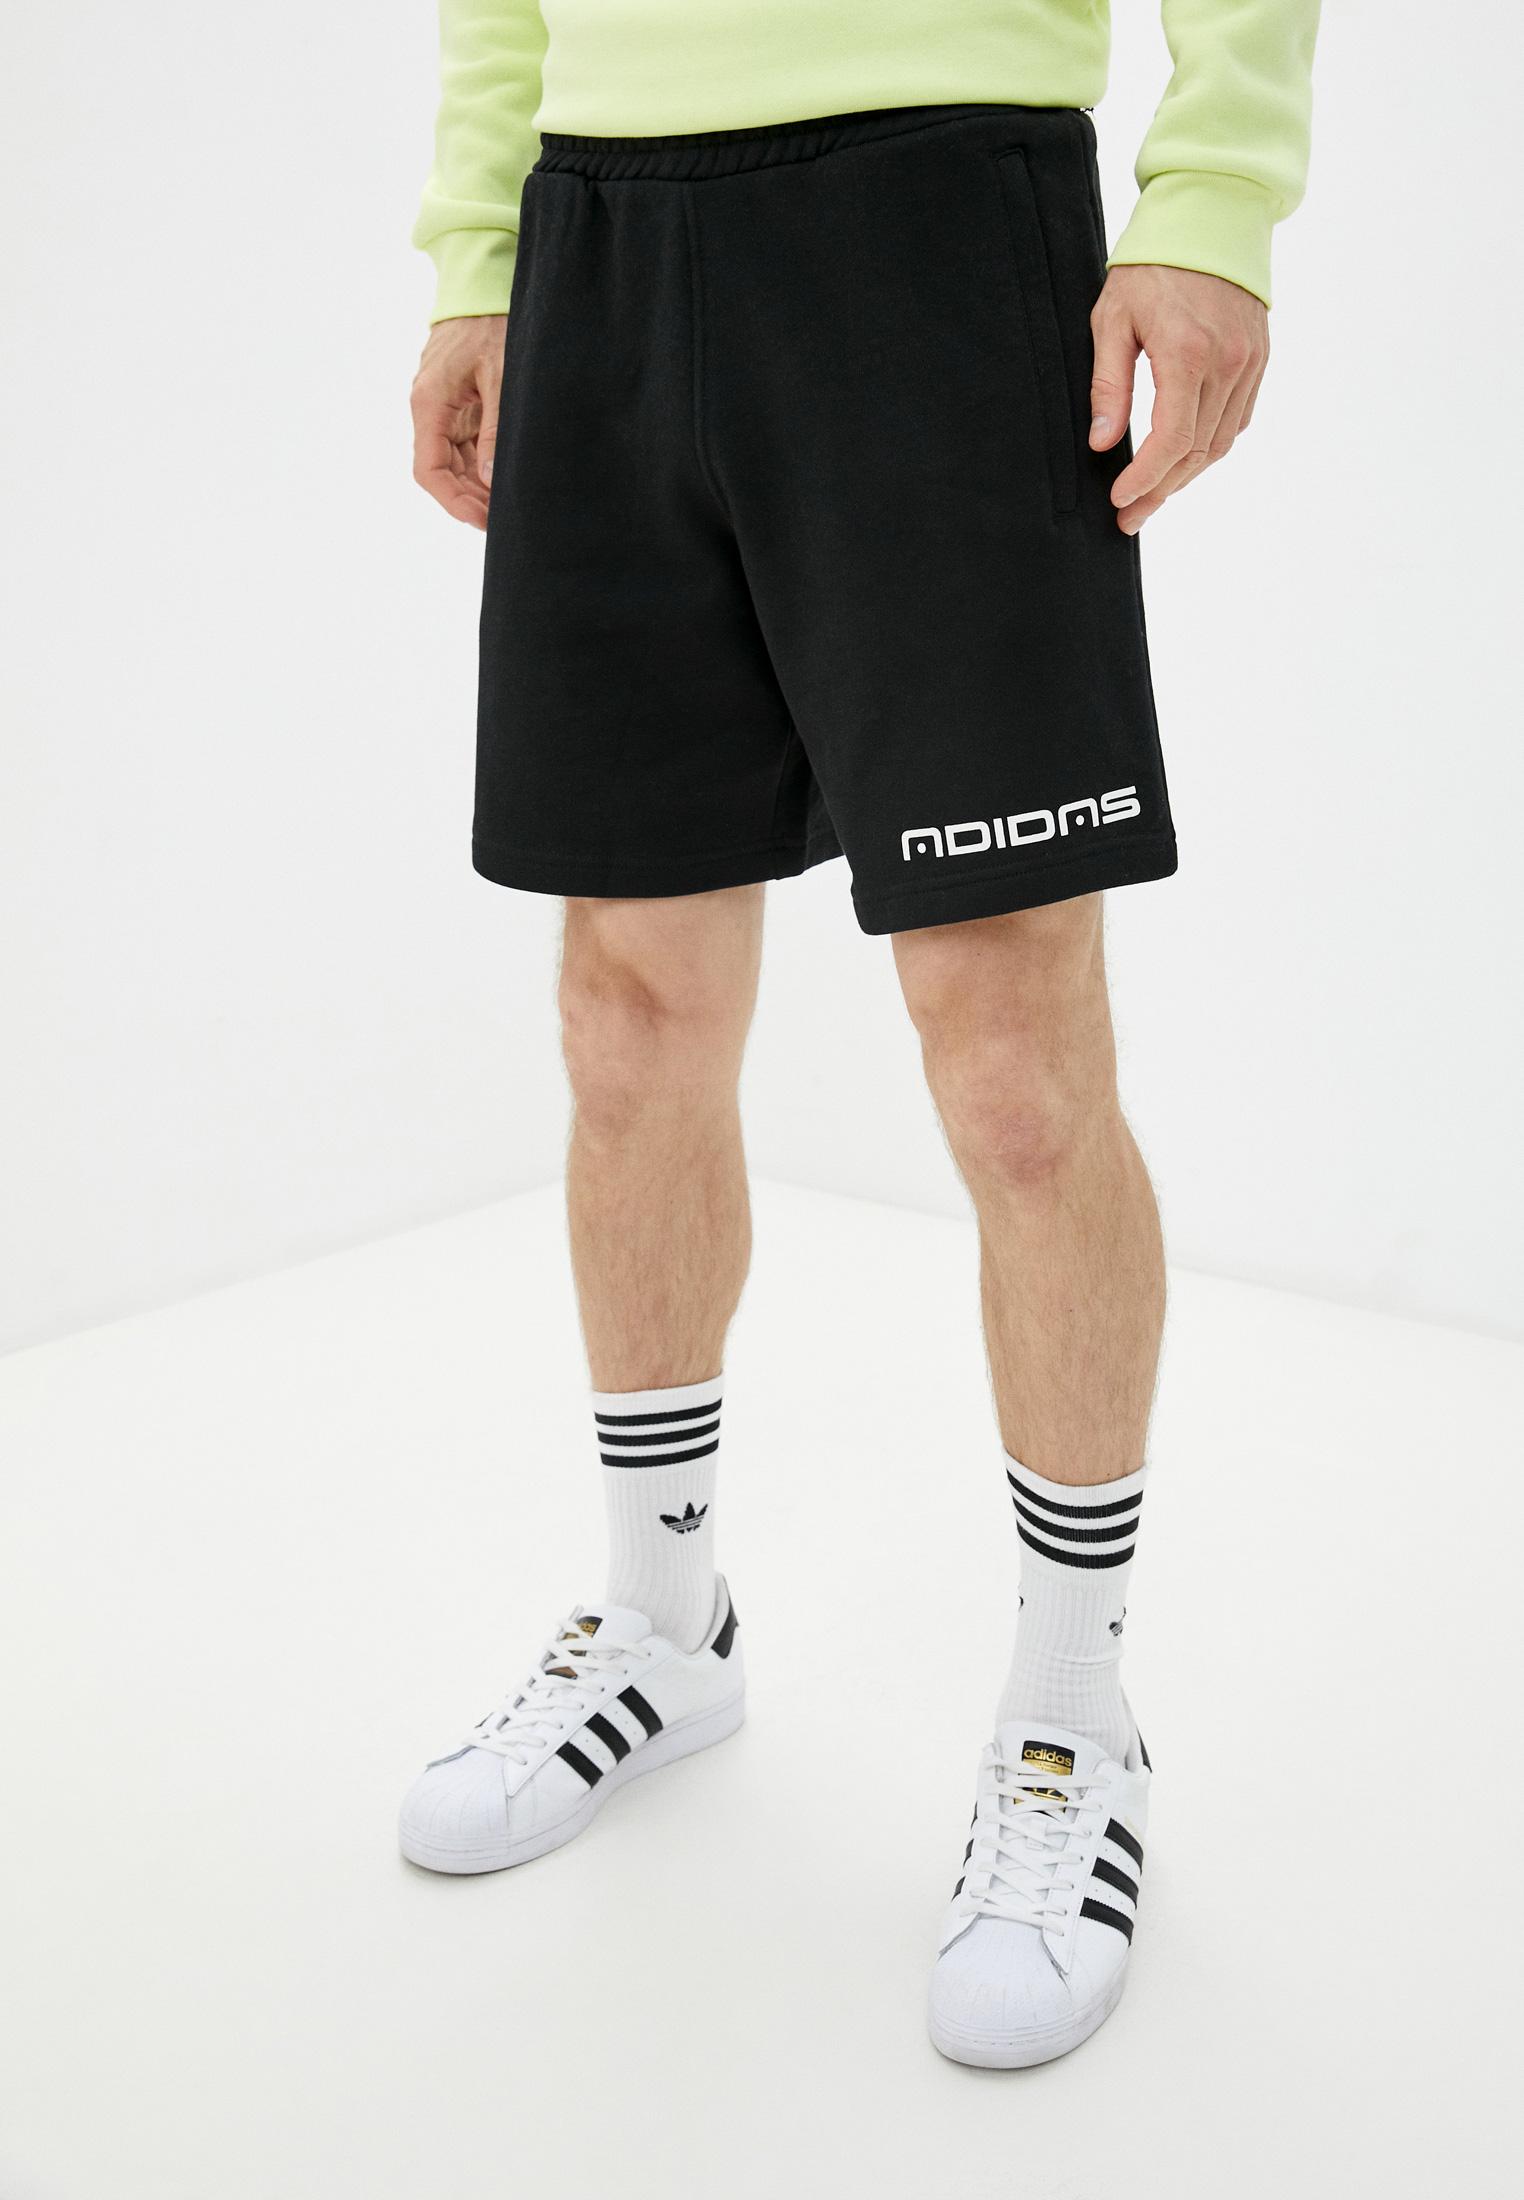 Мужские спортивные шорты Adidas Originals (Адидас Ориджиналс) Шорты adidas Originals